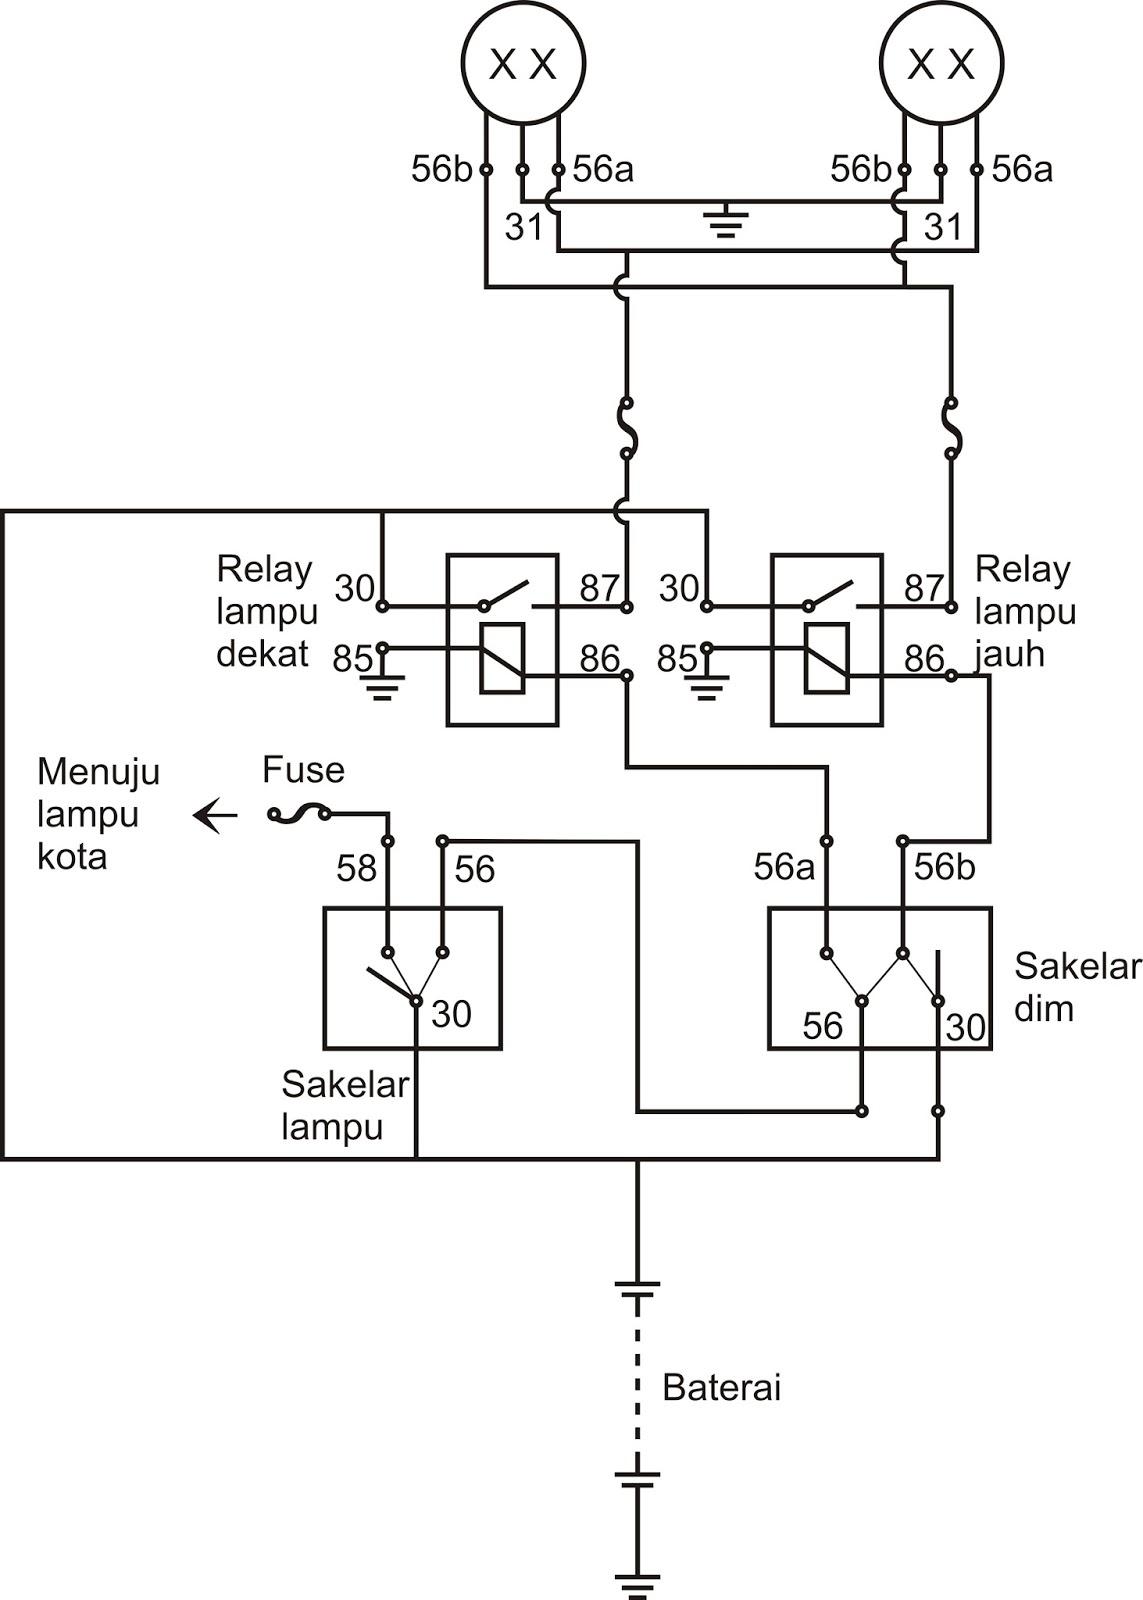 hight resolution of download koleksi 93 gambar wering diagram sistem penerangan sepeda motor honda terlengkap